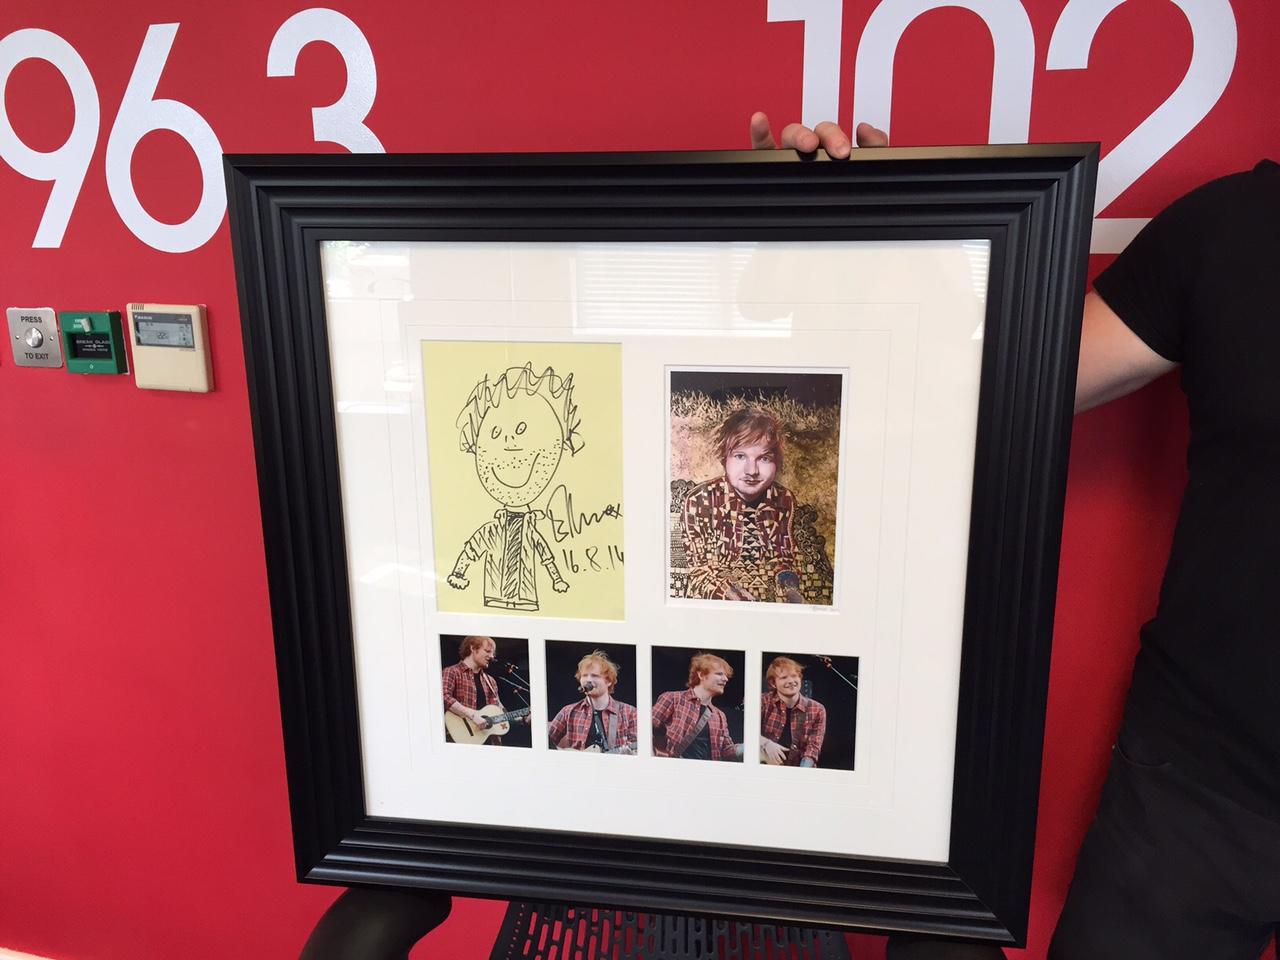 James Wilkinson V-Festival Auction Art